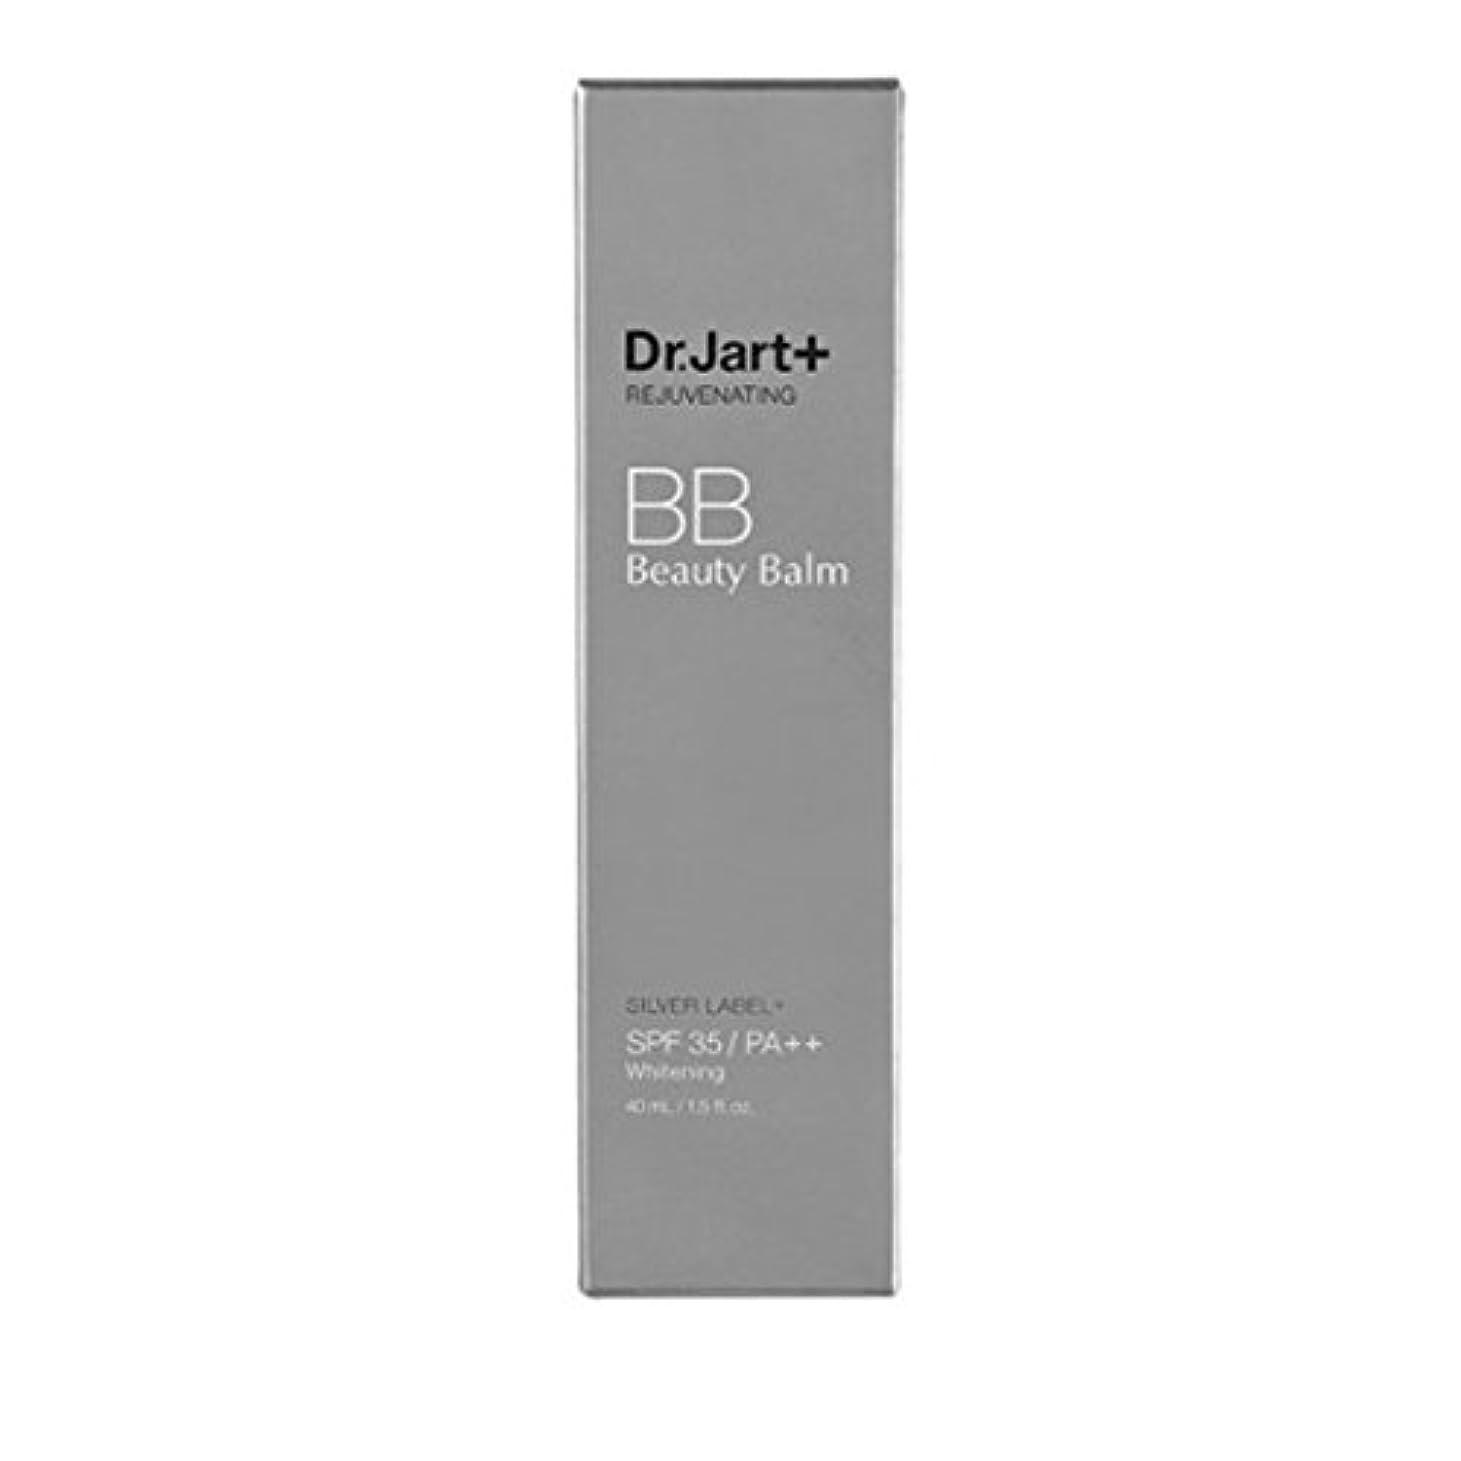 厳しい市場非常にドクタージャルトゥ(Dr.Jart+) リージュビネイティンビューティーbalm 40ml x 2本セットシルバーラベルBBクリーム (SPF35 / PA++)、Dr.Jart+ Rejuvenating Beauty...